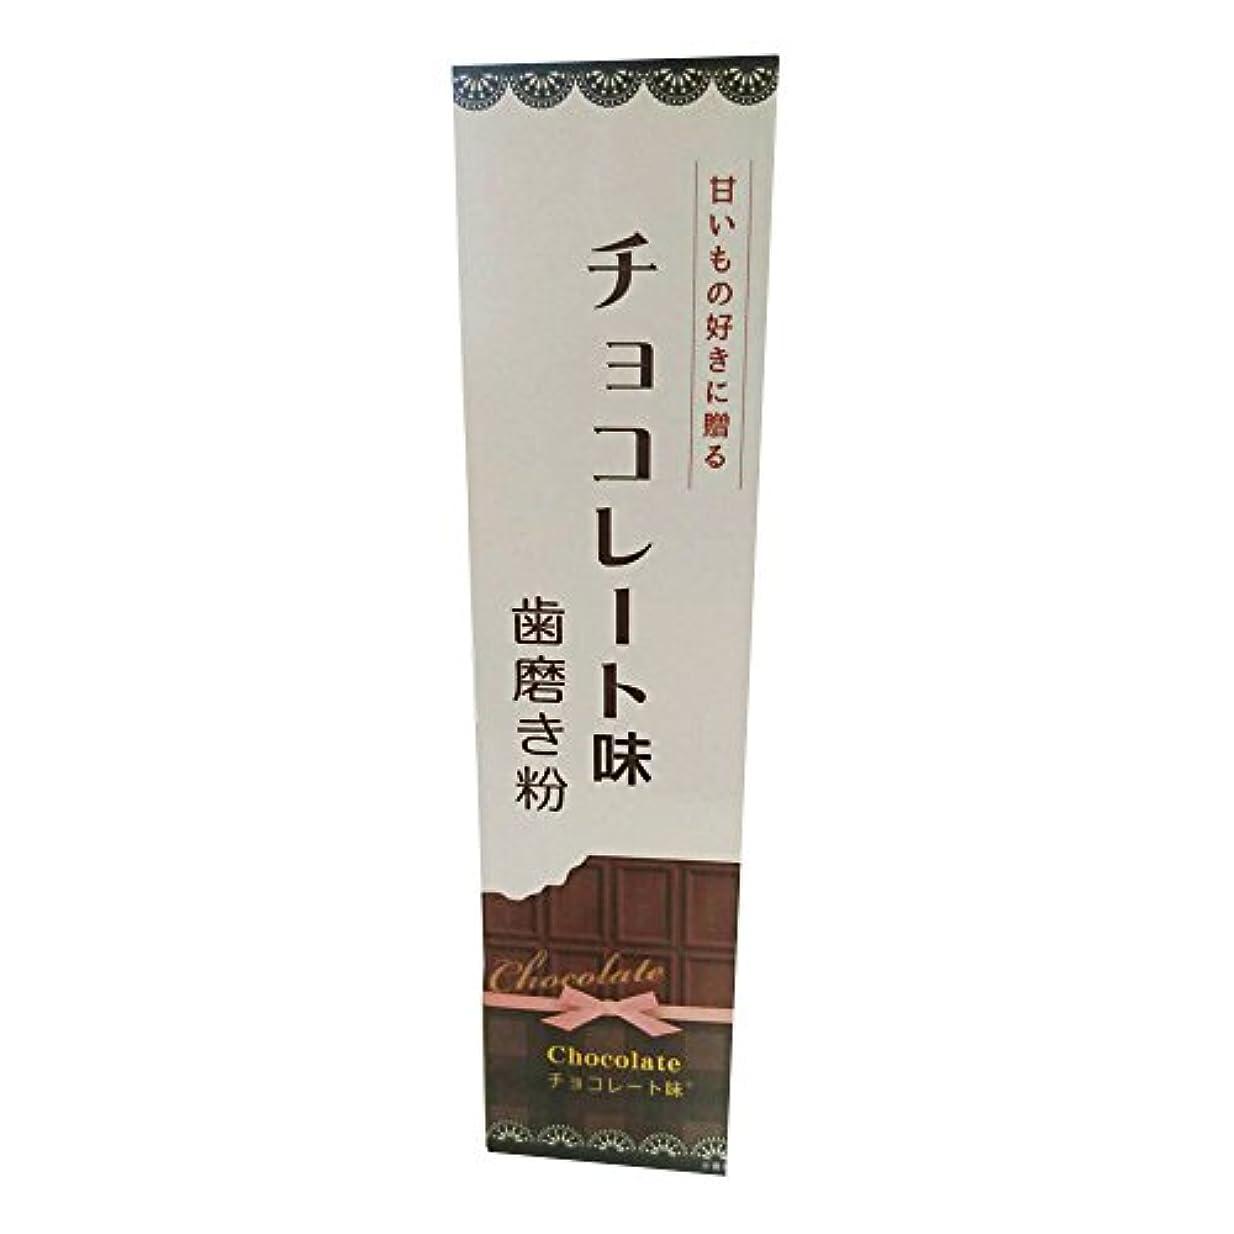 作者みすぼらしい失業者フレーバー歯磨き粉チョコレート味 70g